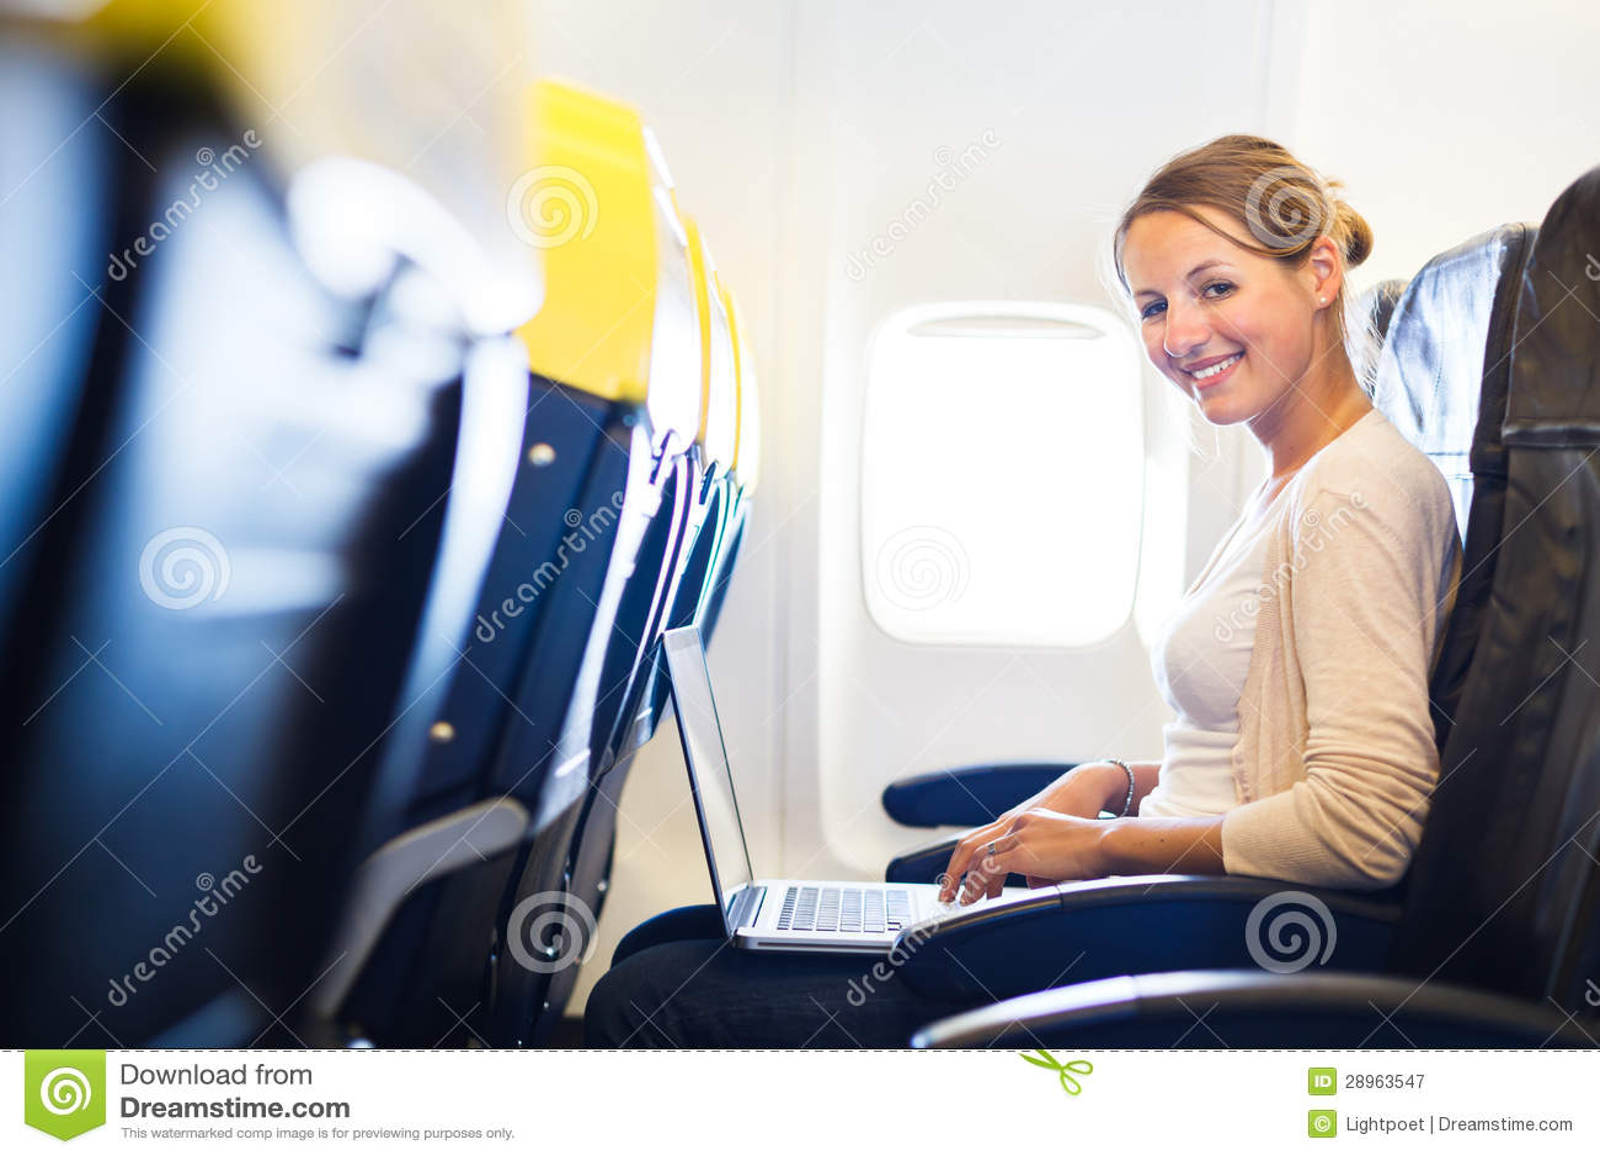 Młoda kobieta pracuje na jej laptopie na pokładzie samolotu